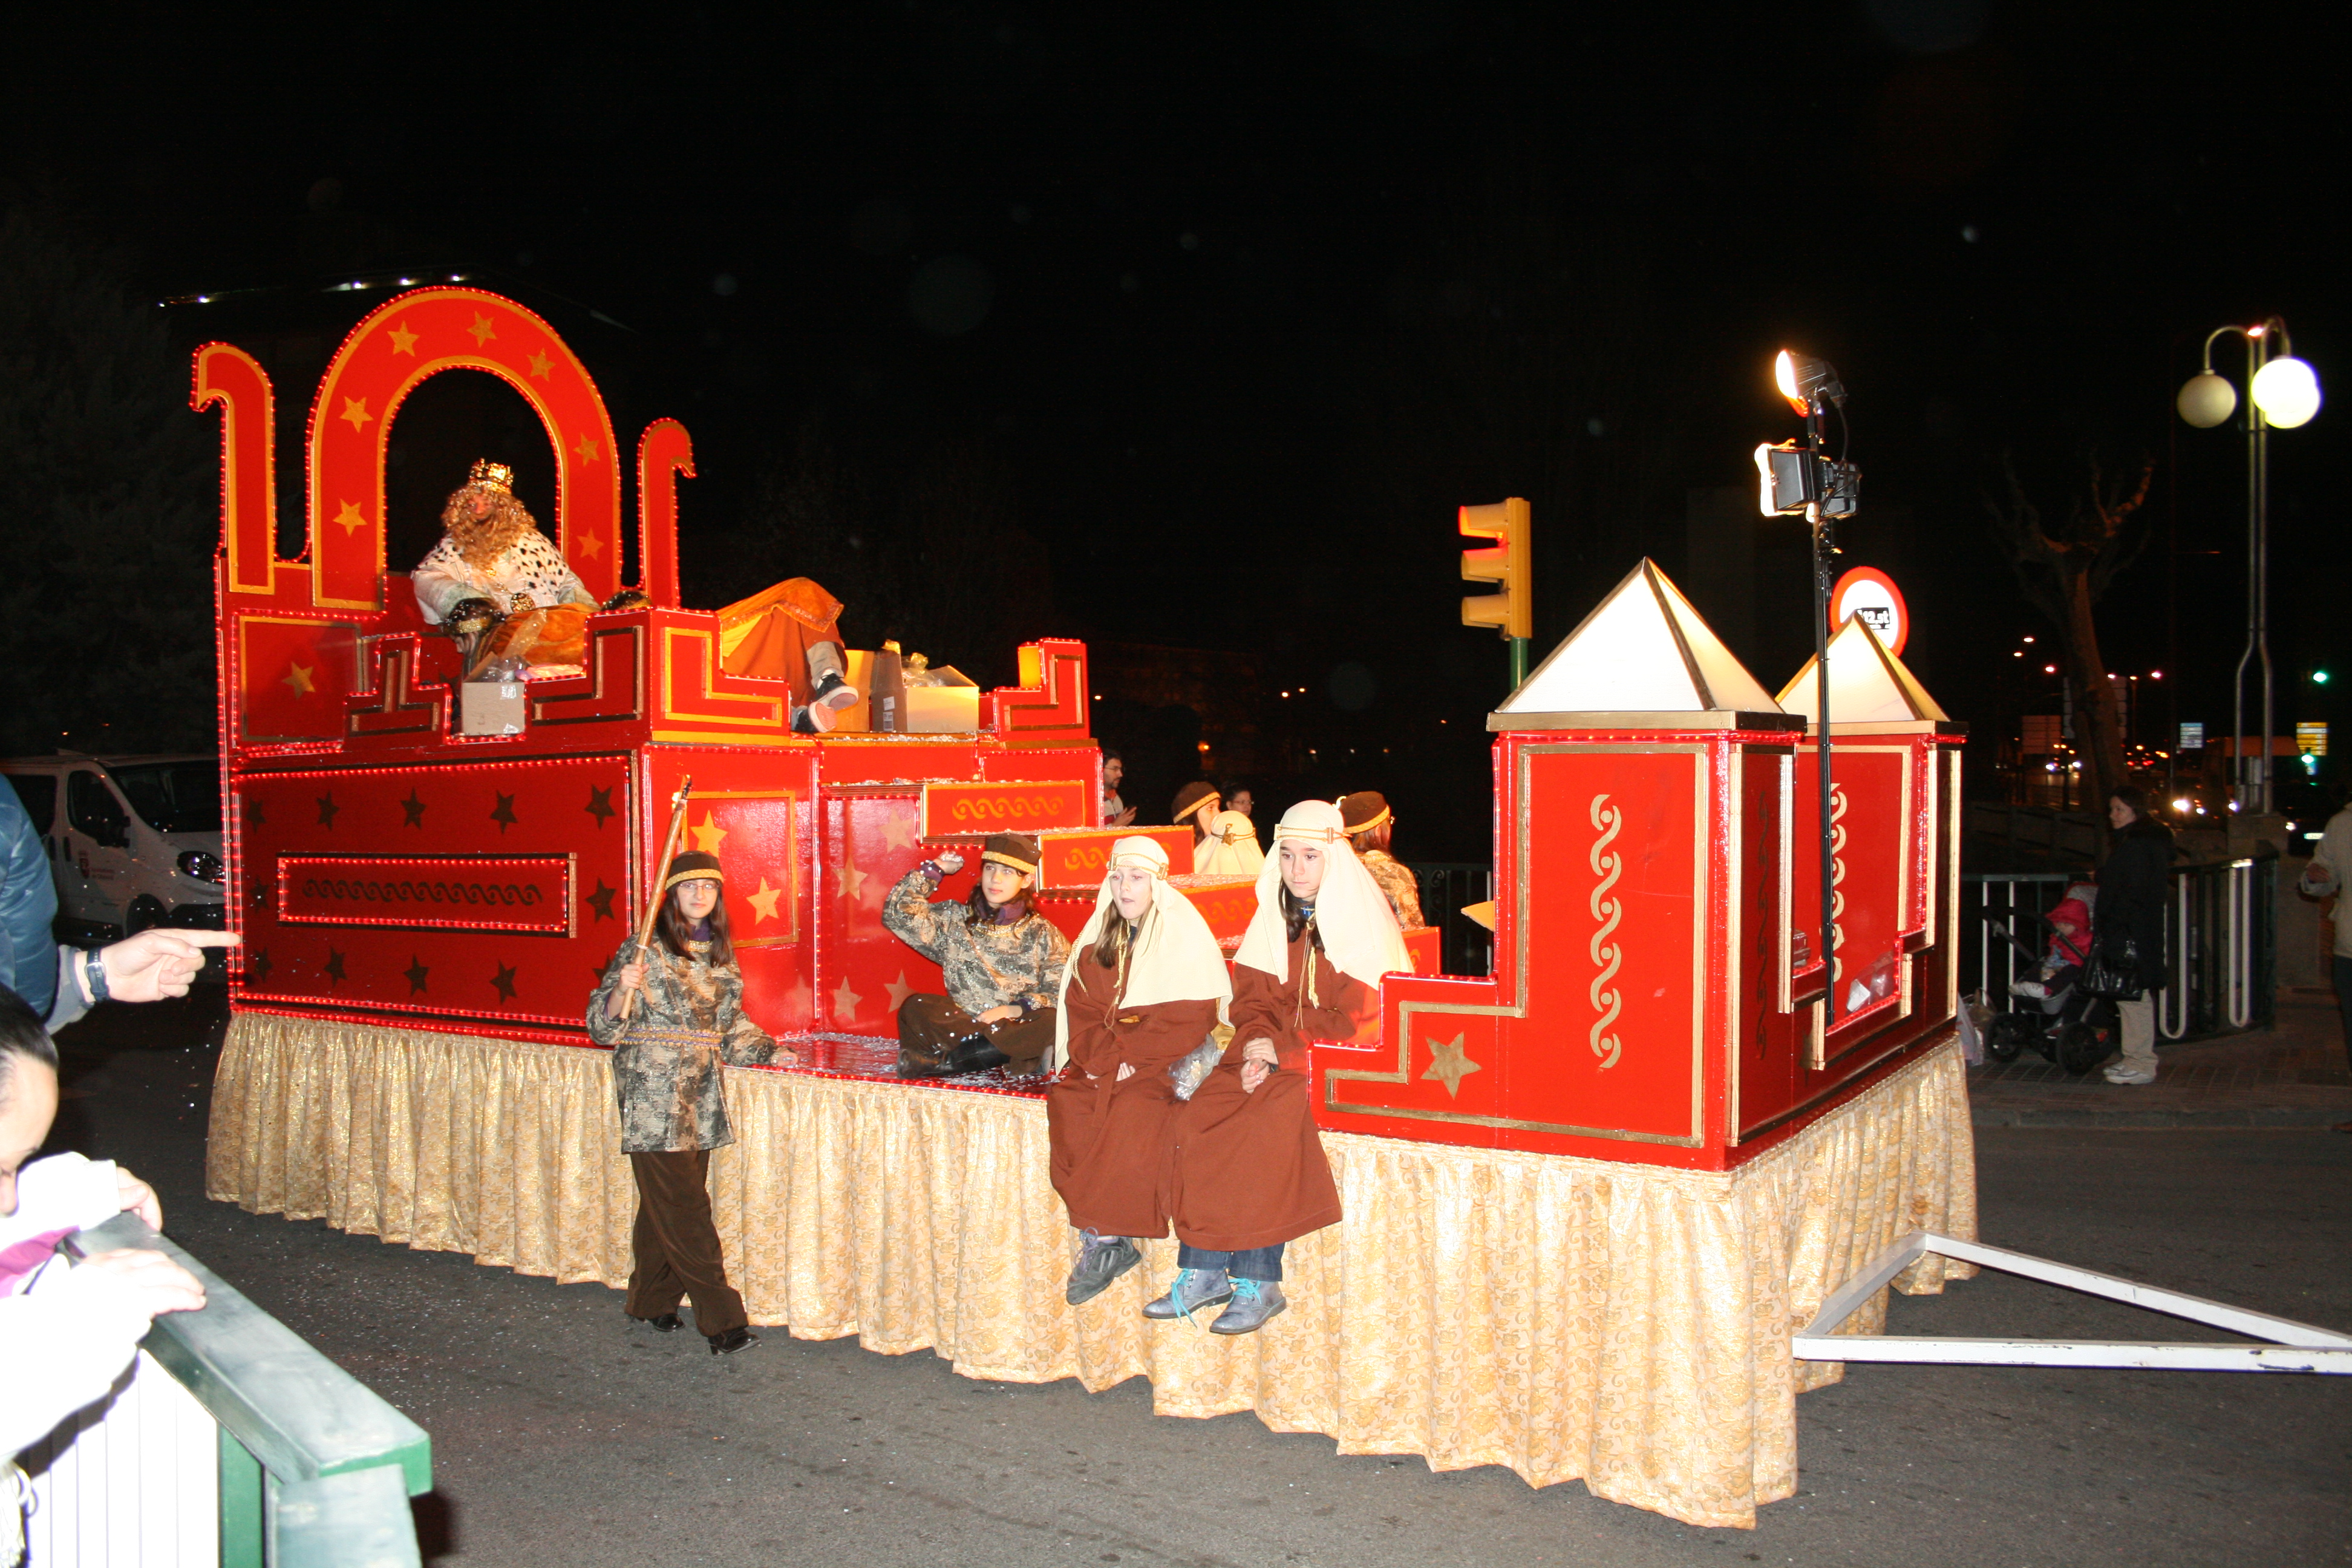 Carrozas De Reyes Magos Fotos.Cabalgata De Reyes Magos Wikiwand